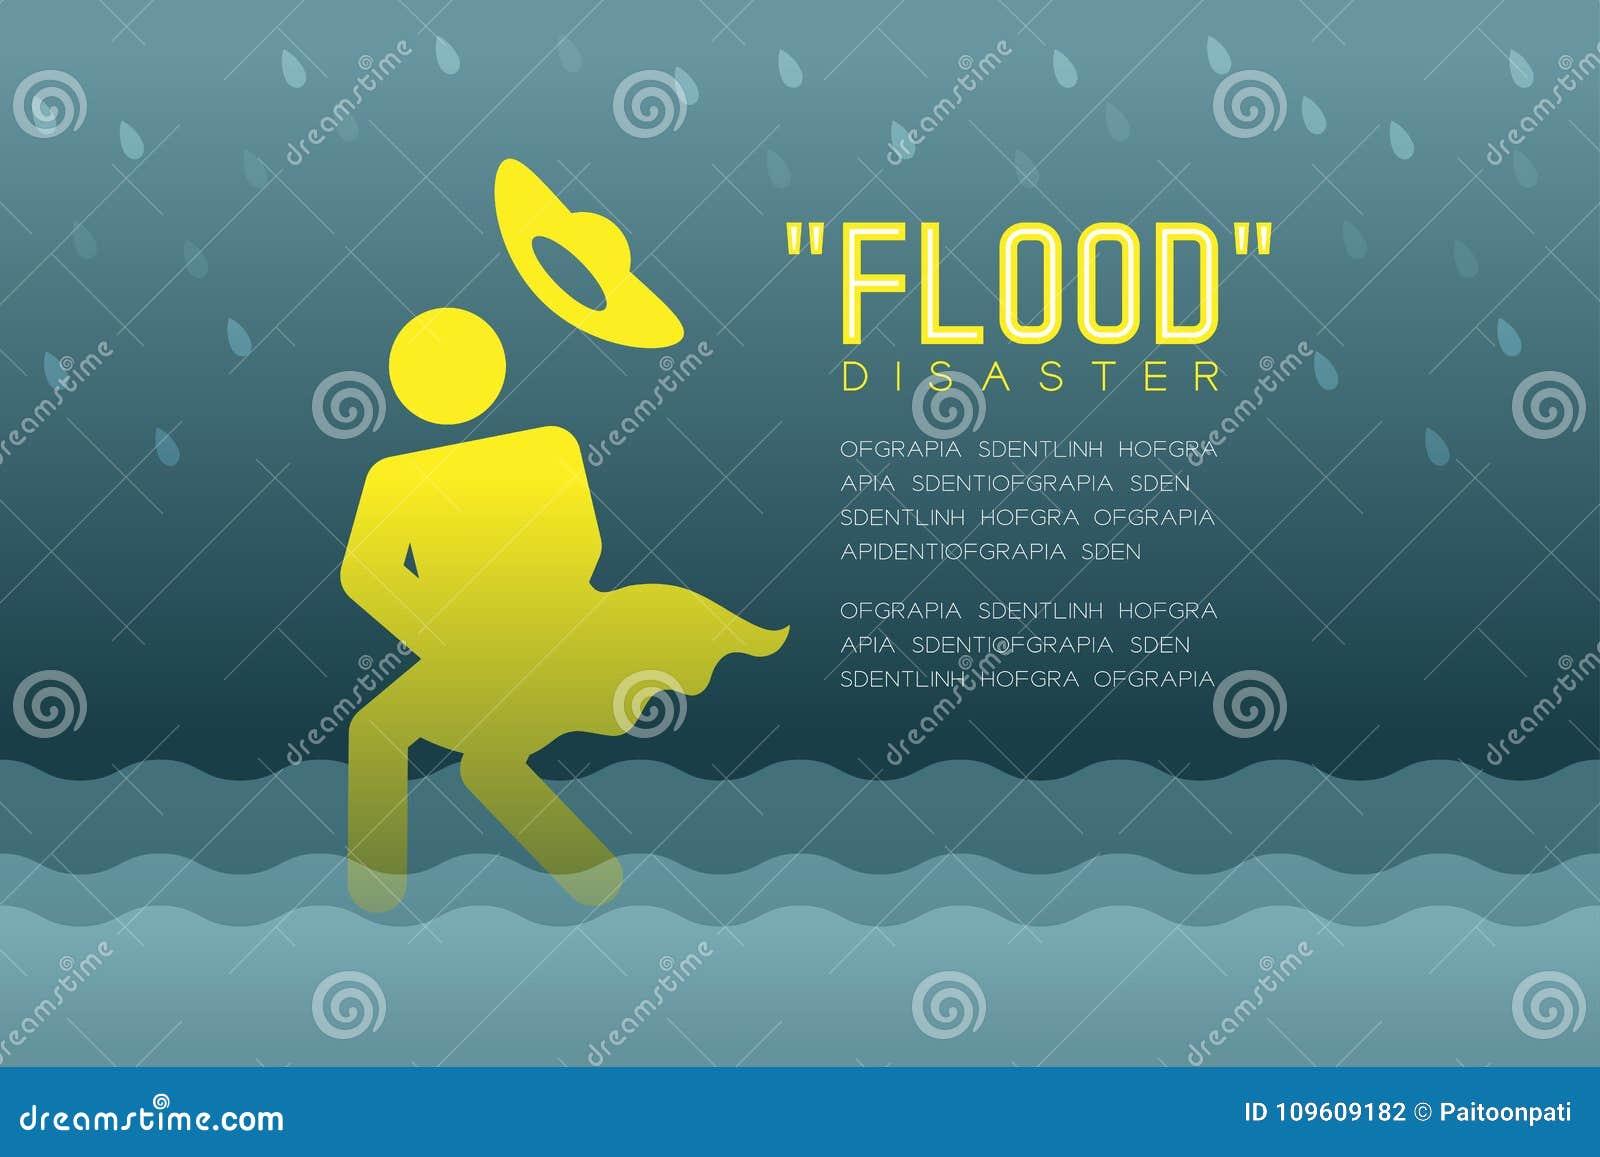 Powodzi katastrofa kobiet ikon piktogram z opadającego kapeluszowego projekta infographic ilustracją